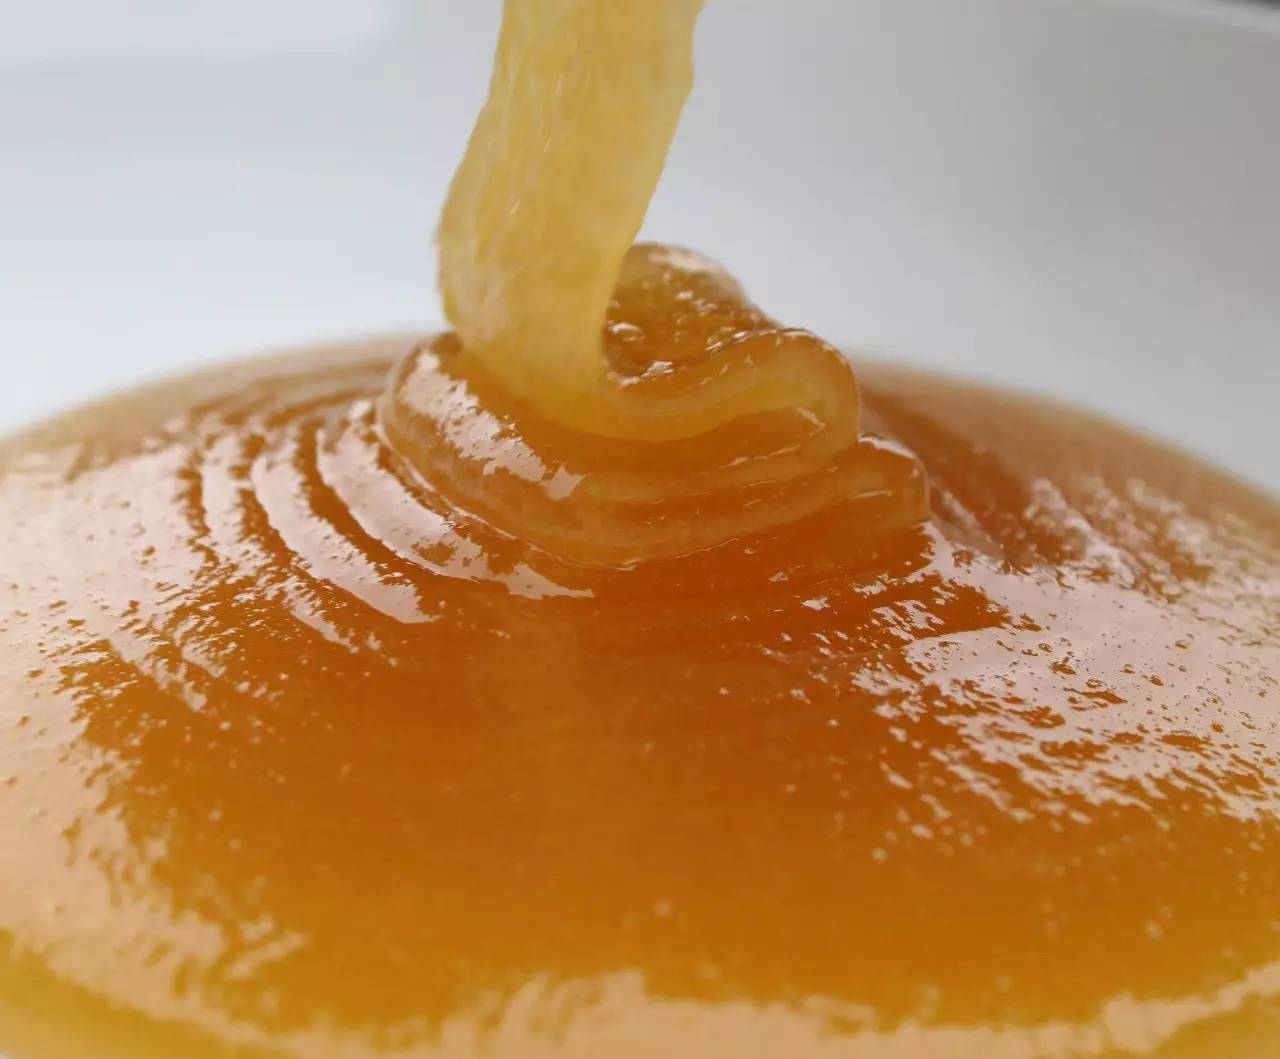 蜂蜜为什么会冒泡沫 红枣枸杞蜂蜜泡纯米酒 睡前喝蜂蜜水会发胖吗 蜂蜜是酸性还是碱性 蜂蜜的活性酶